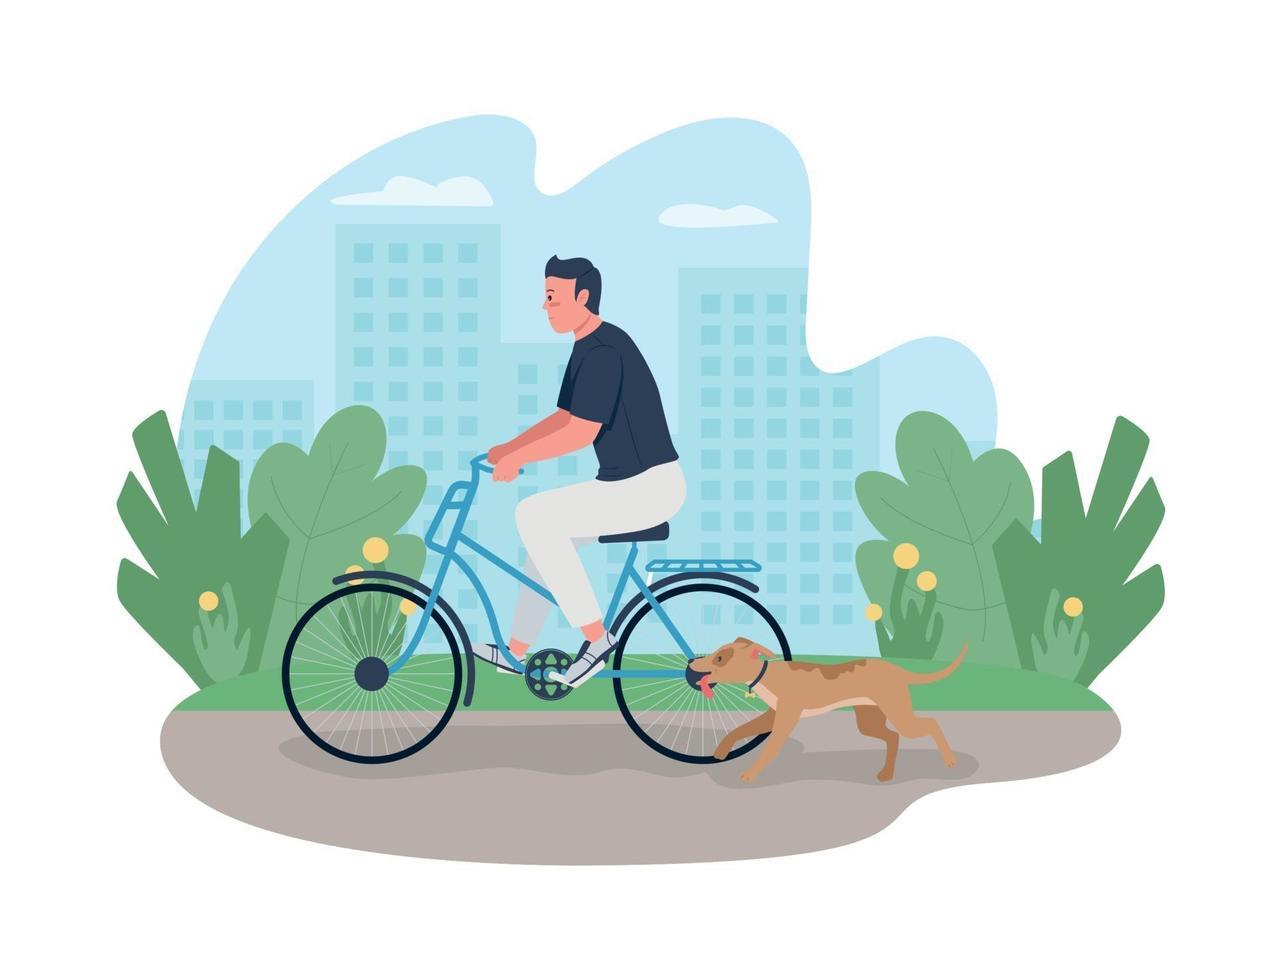 man rider på cykel med hund springer nära 2d vektor webb banner, affisch